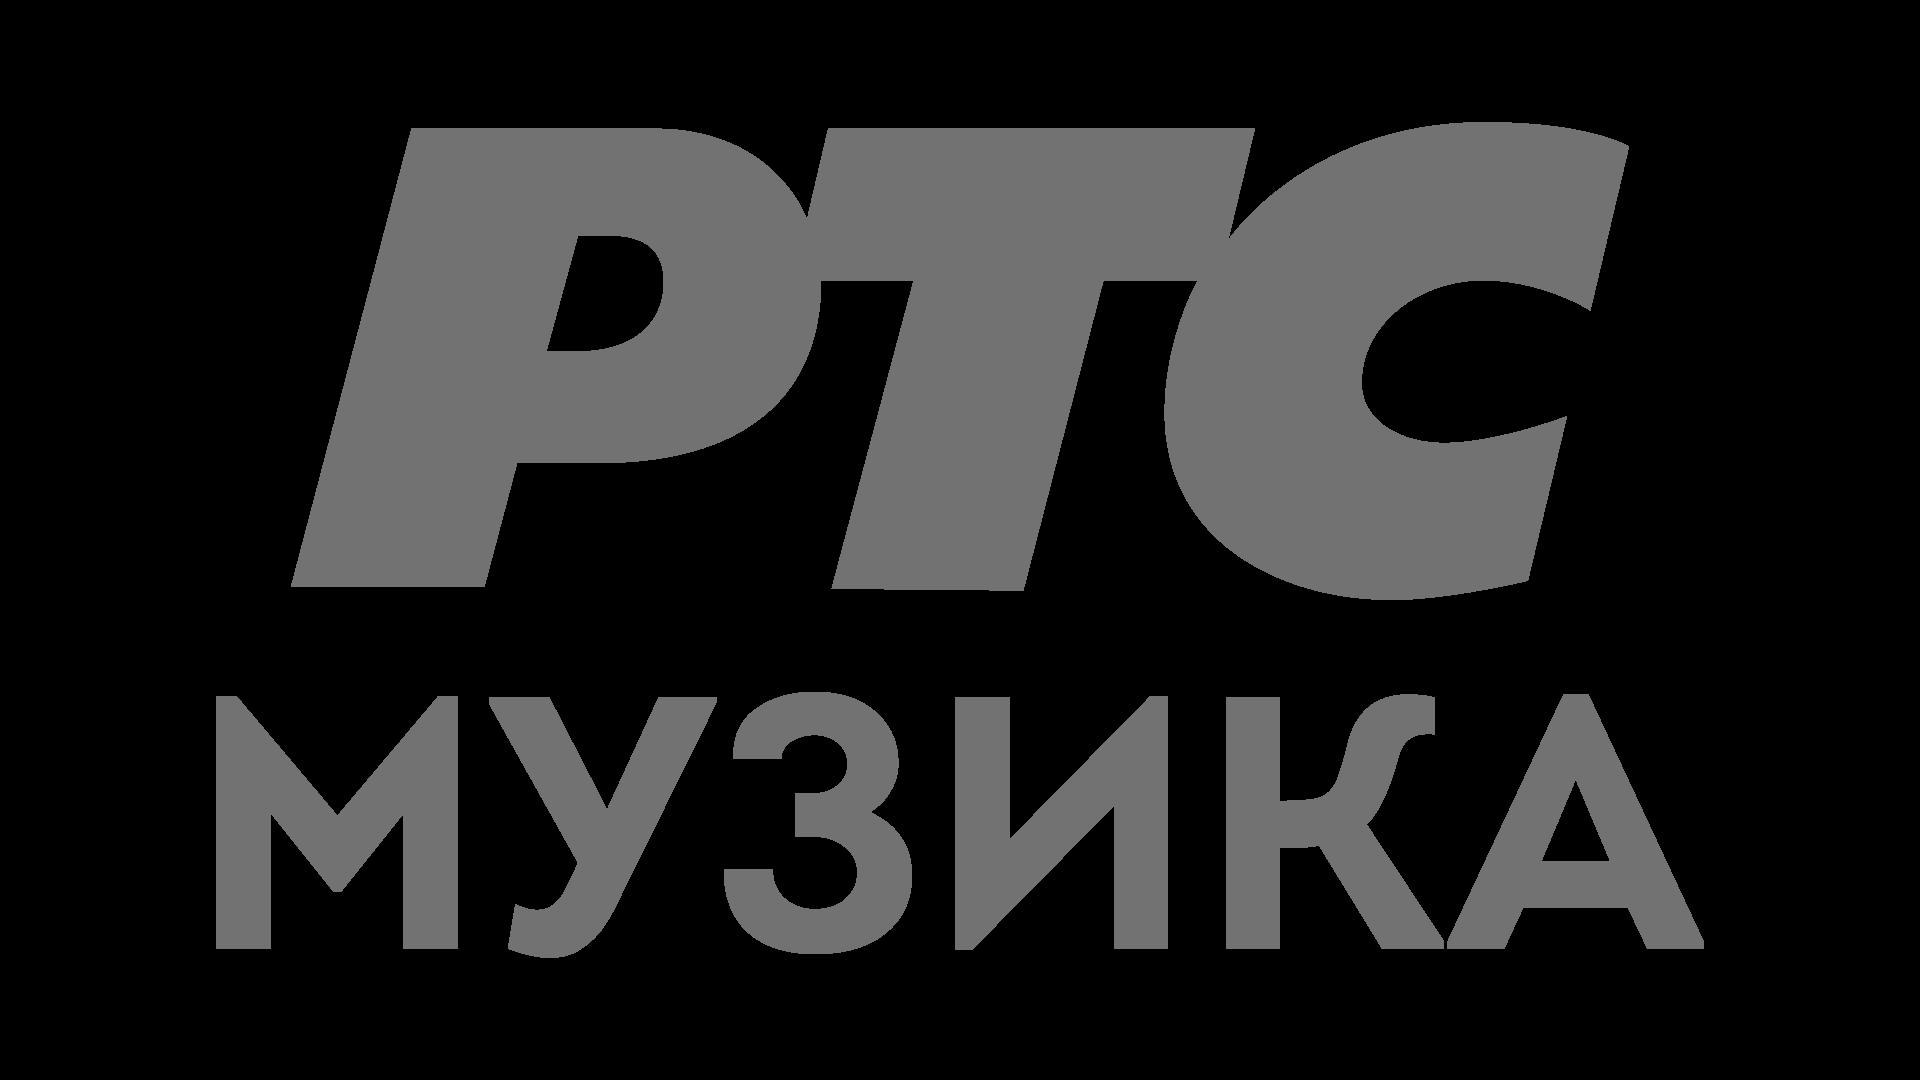 RTS Muzika Serbia Live TV, Online